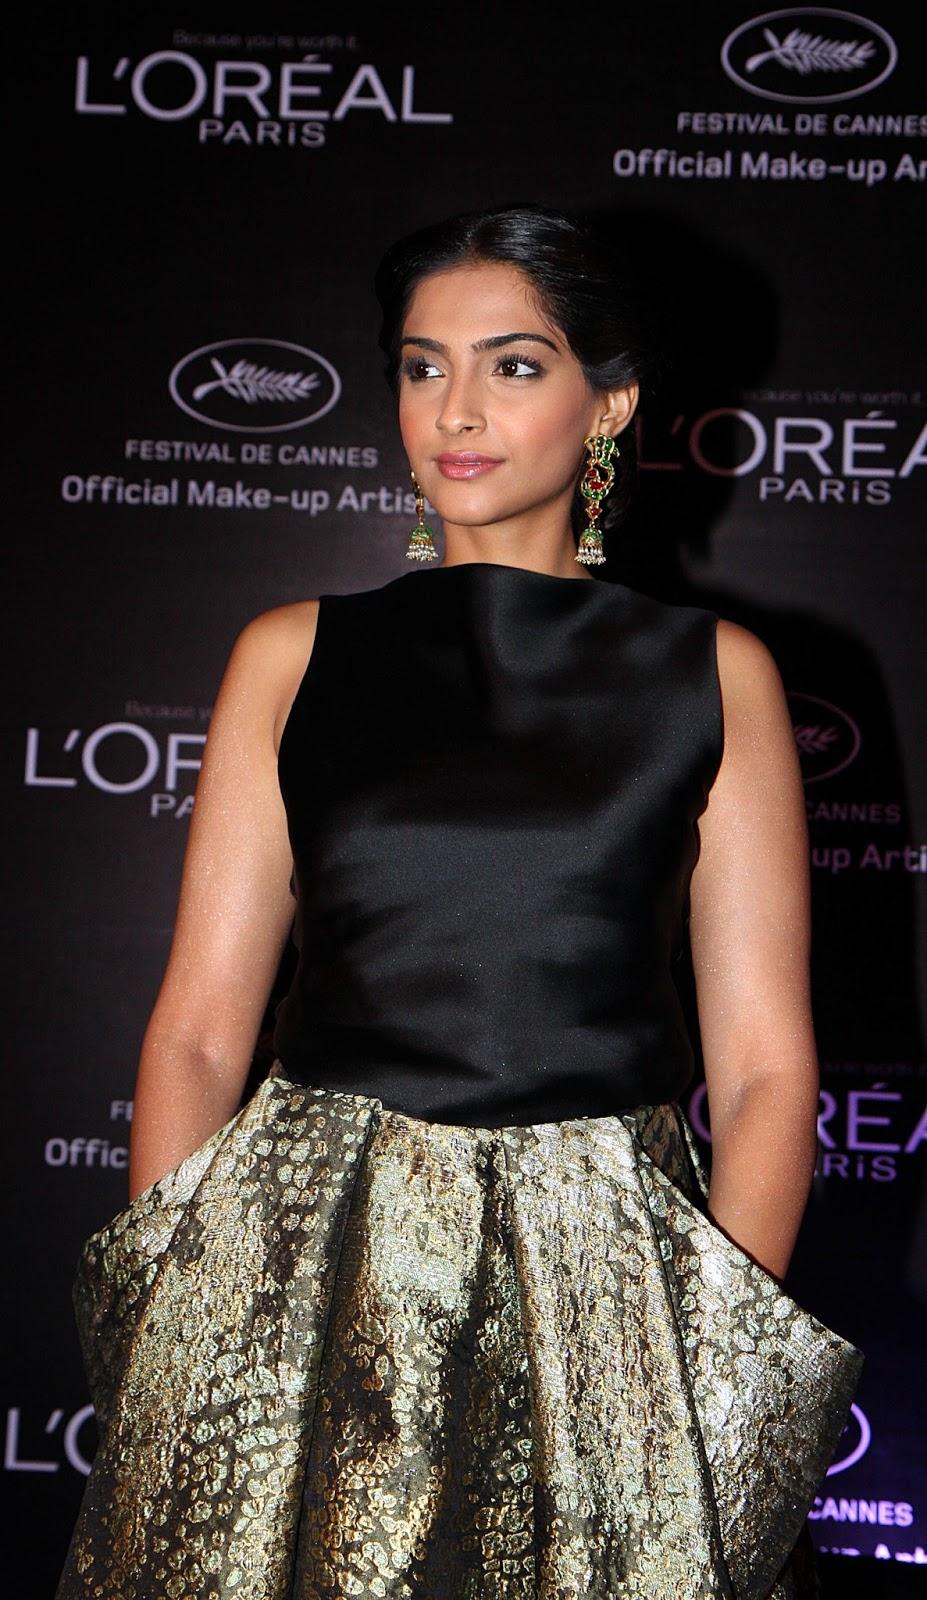 Stylish gorgeous Sonam kapoor ramp walk at loreal fashion show